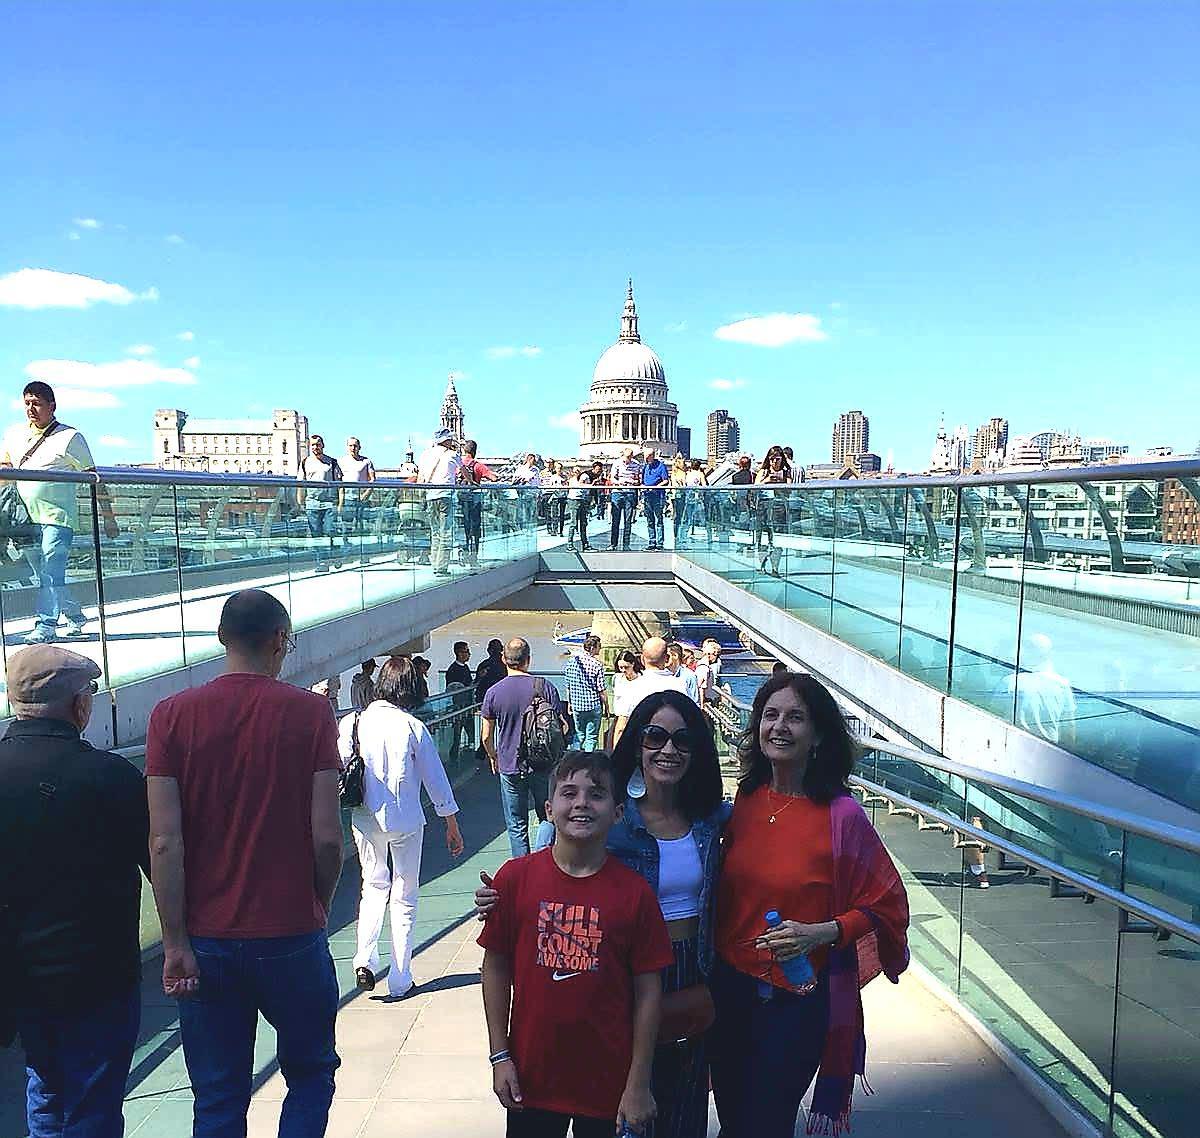 Millennium Bridge Harry Potter tour guest